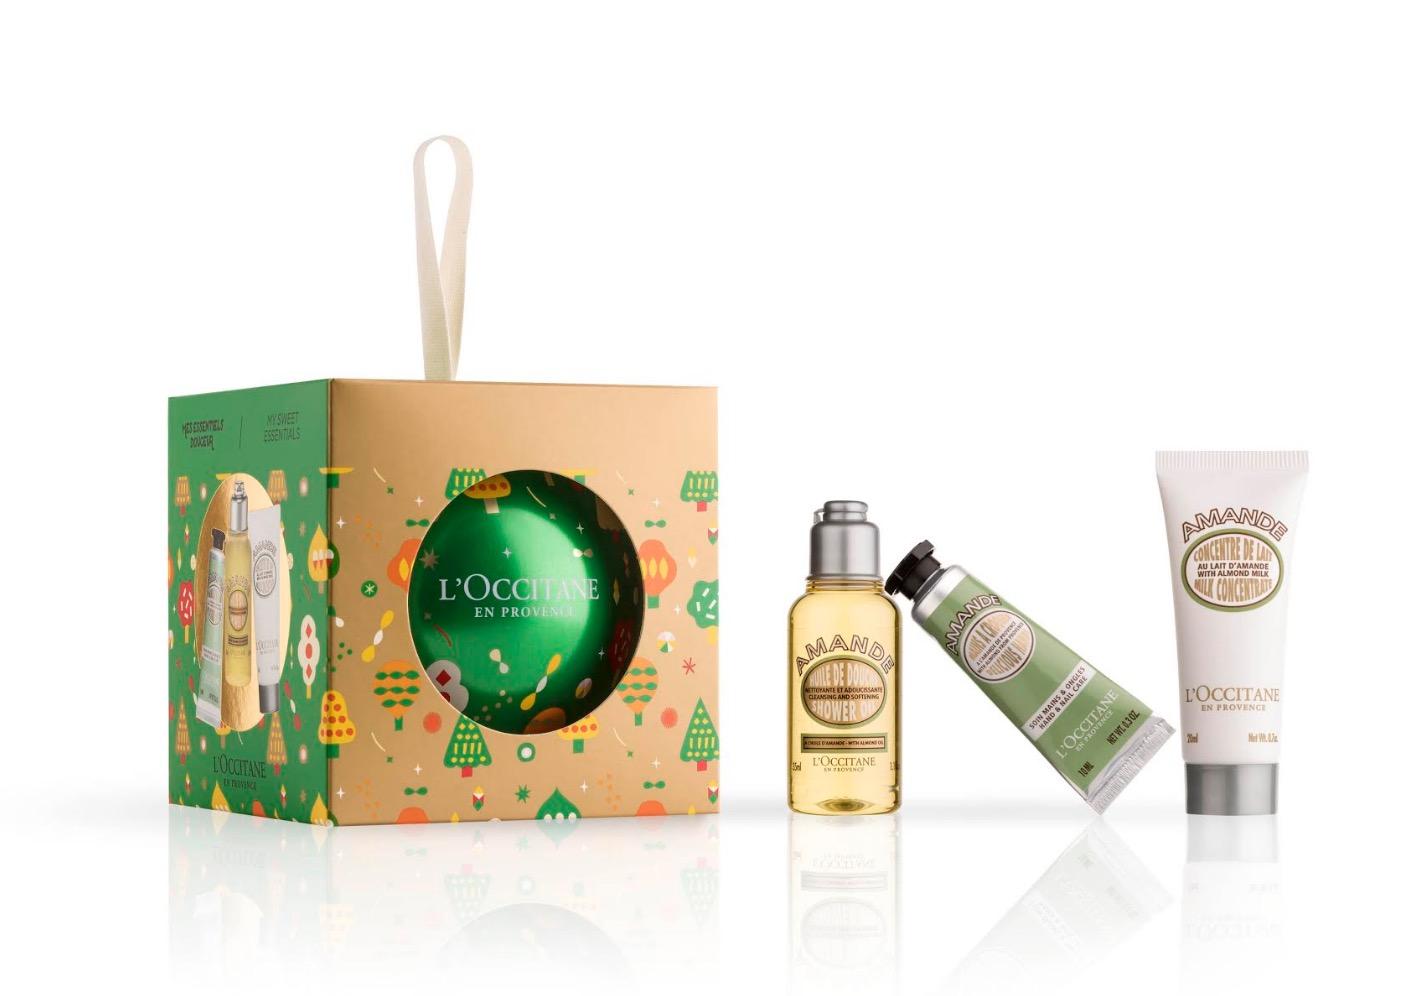 人氣商品杏仁沐浴油,富含天然杏仁油能溫和潔淨肌膚,帶來柔適保濕,散發細緻芳香